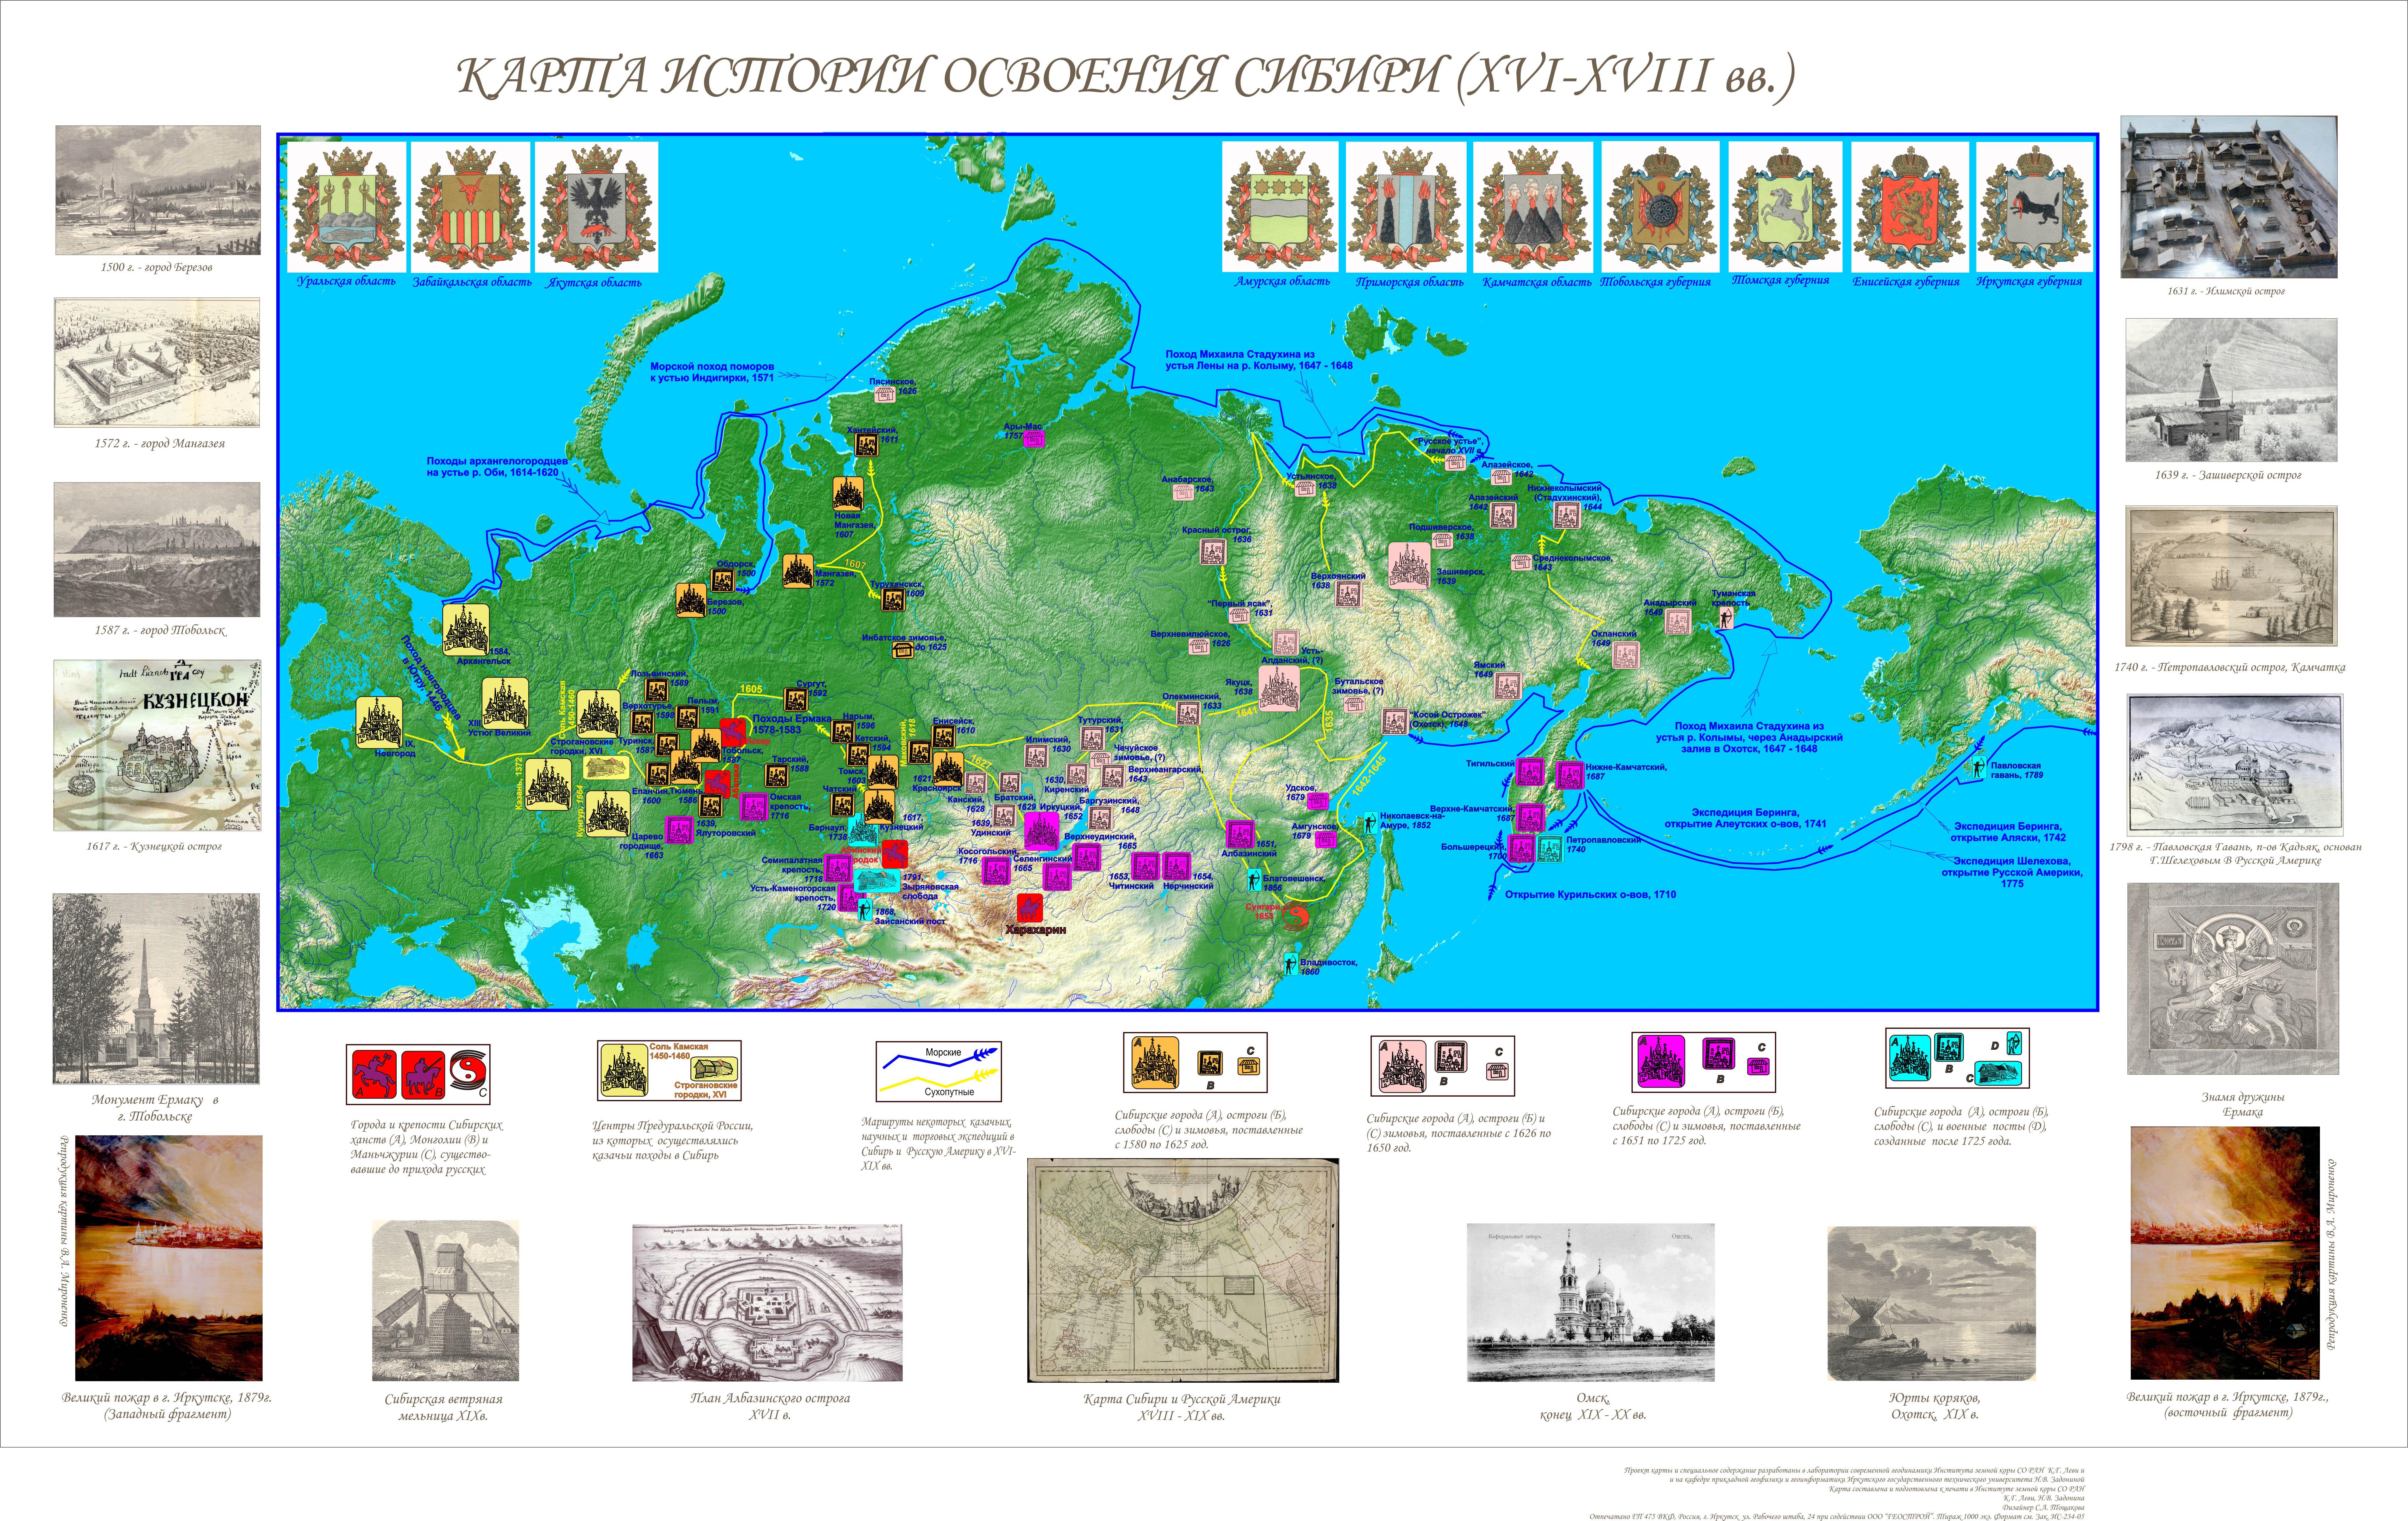 Сибири Освоение Сибири